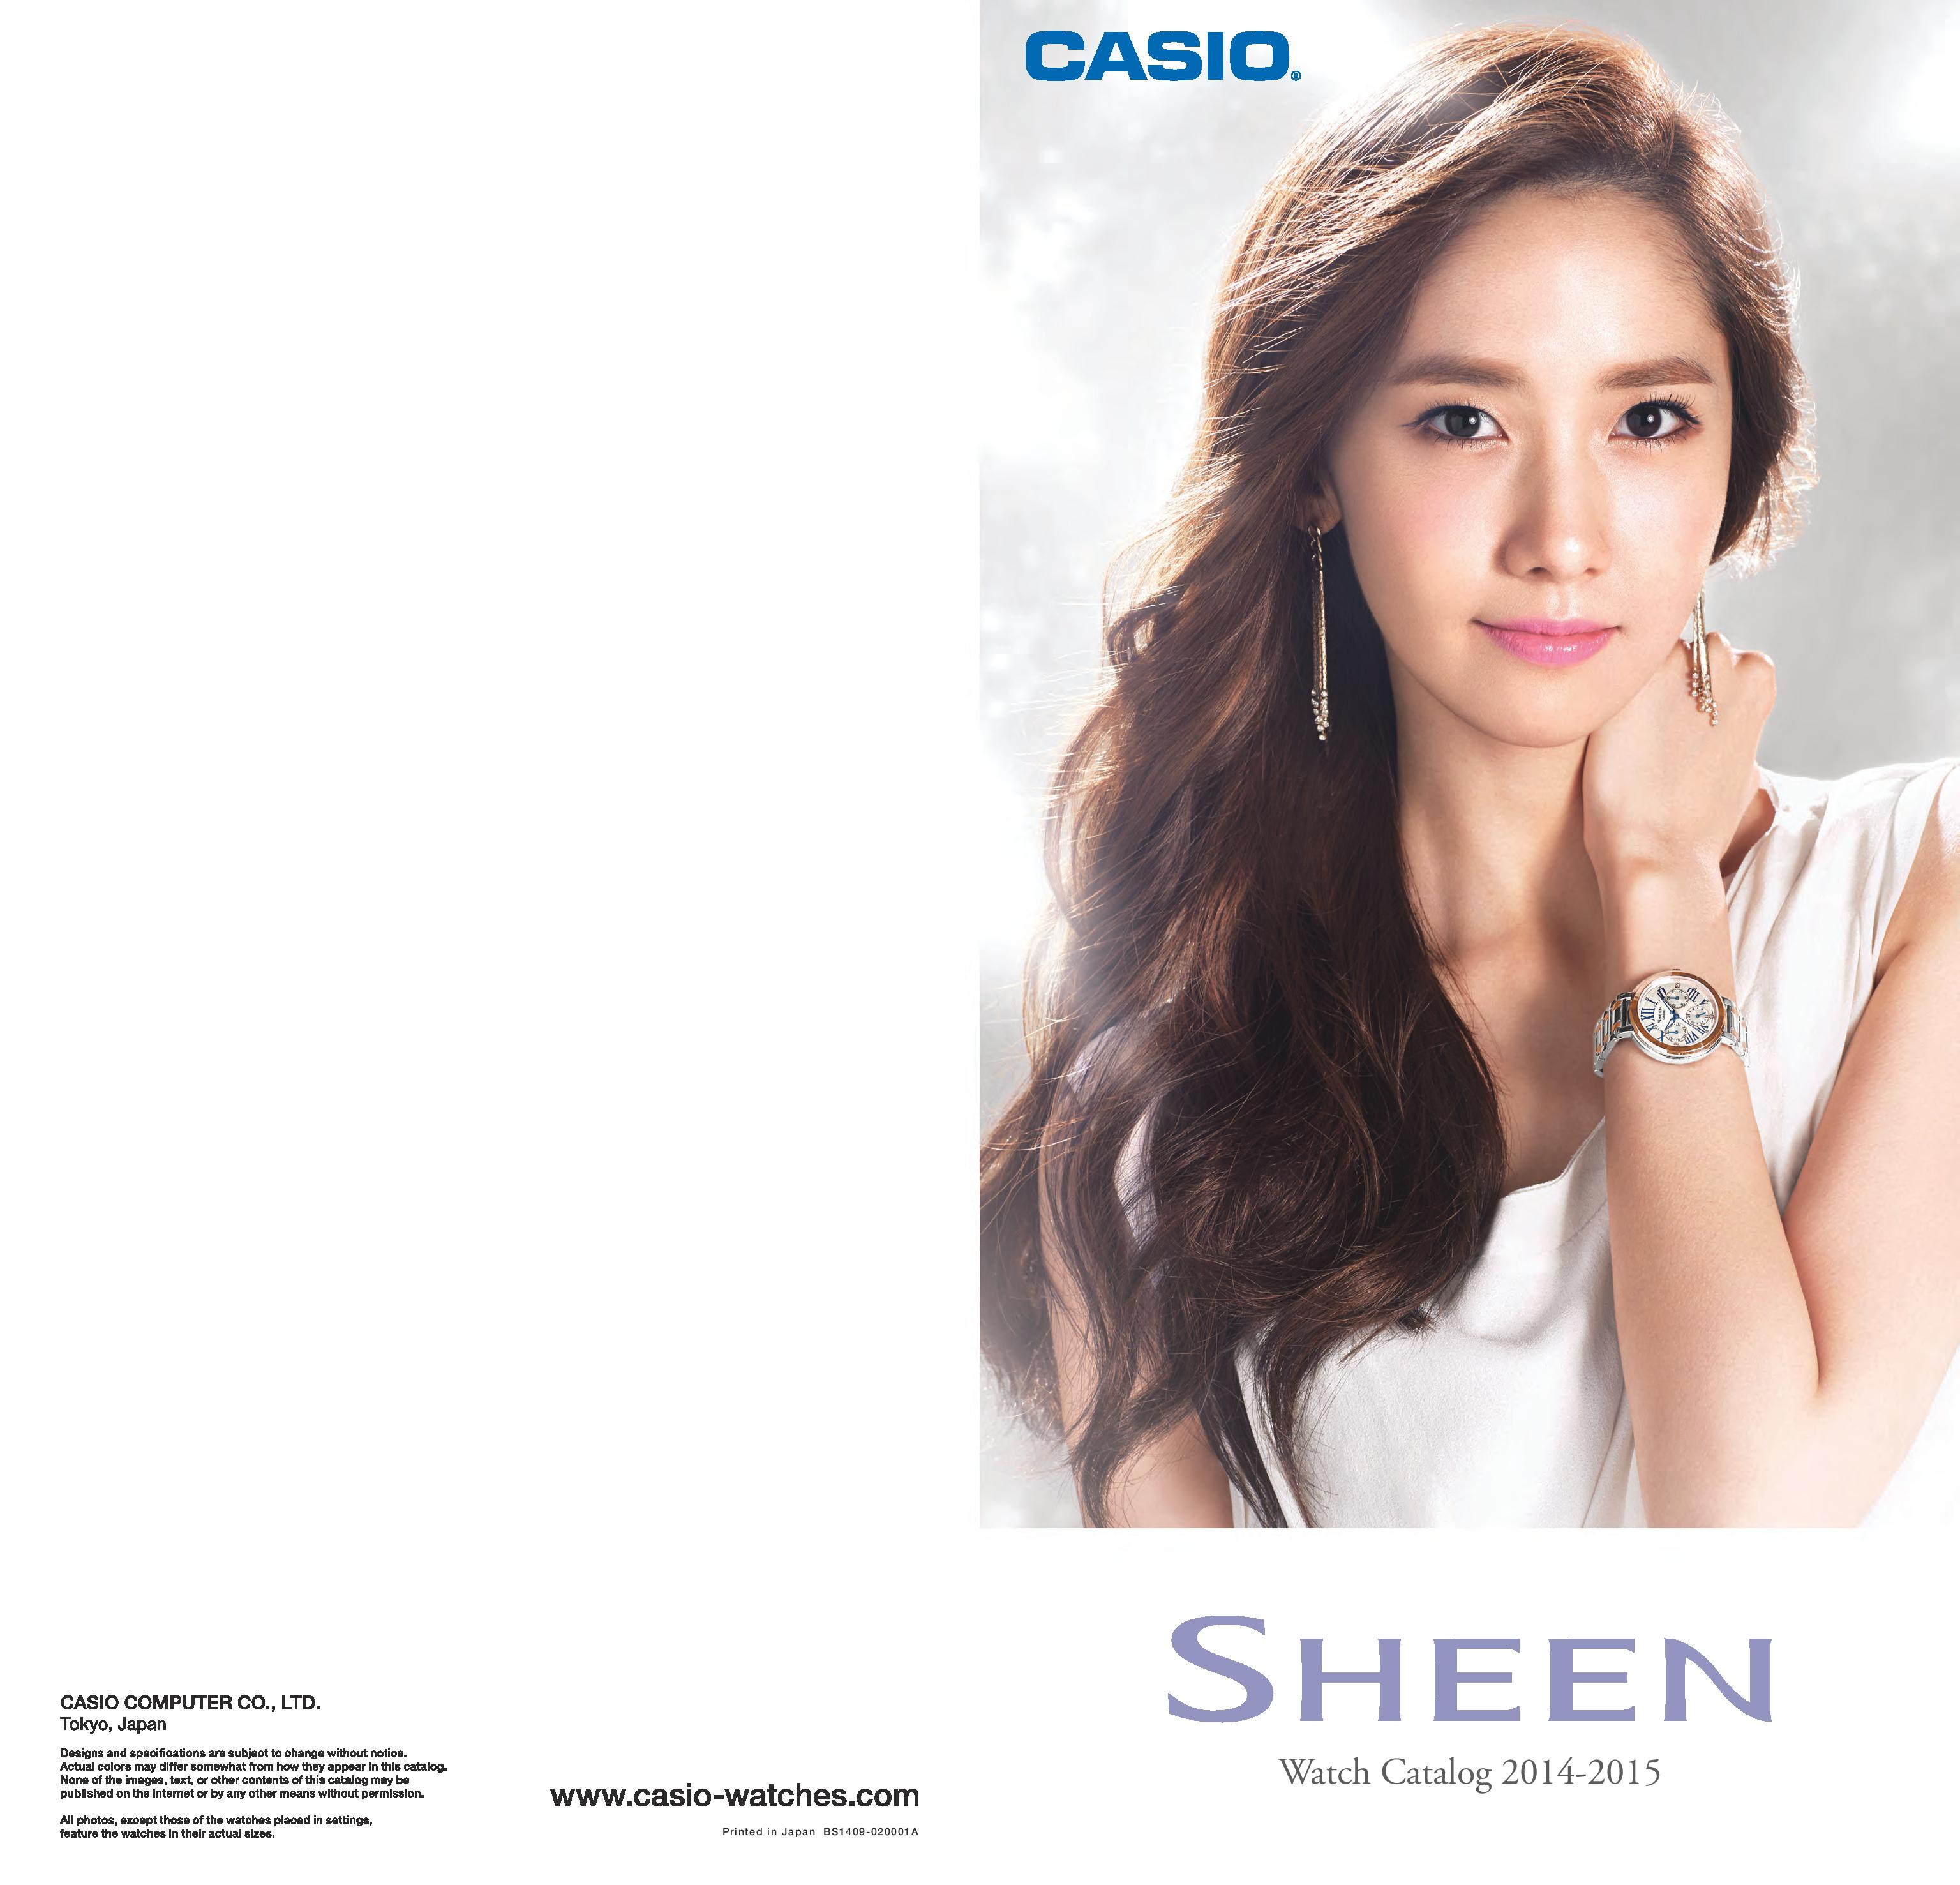 Yoona Casio Sheen